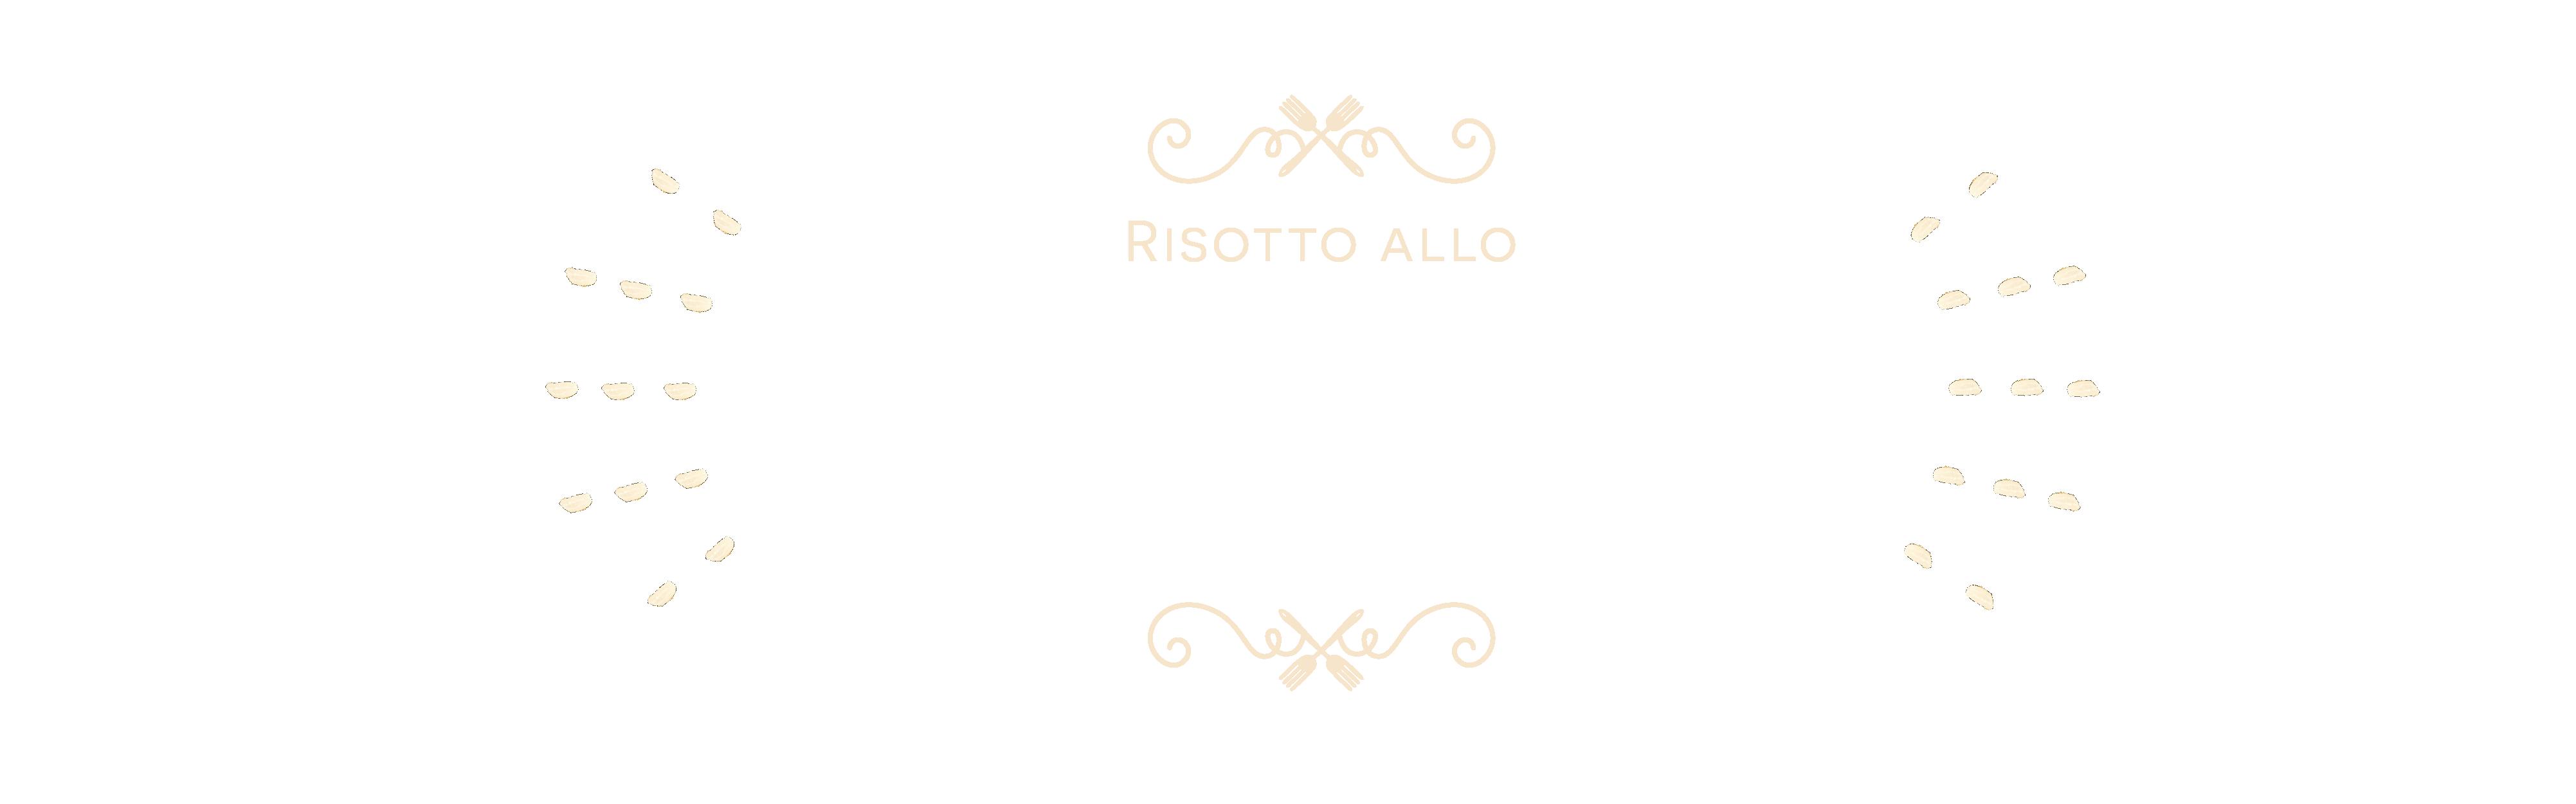 Risotto alla champagne con ragù di cape sante e caviale